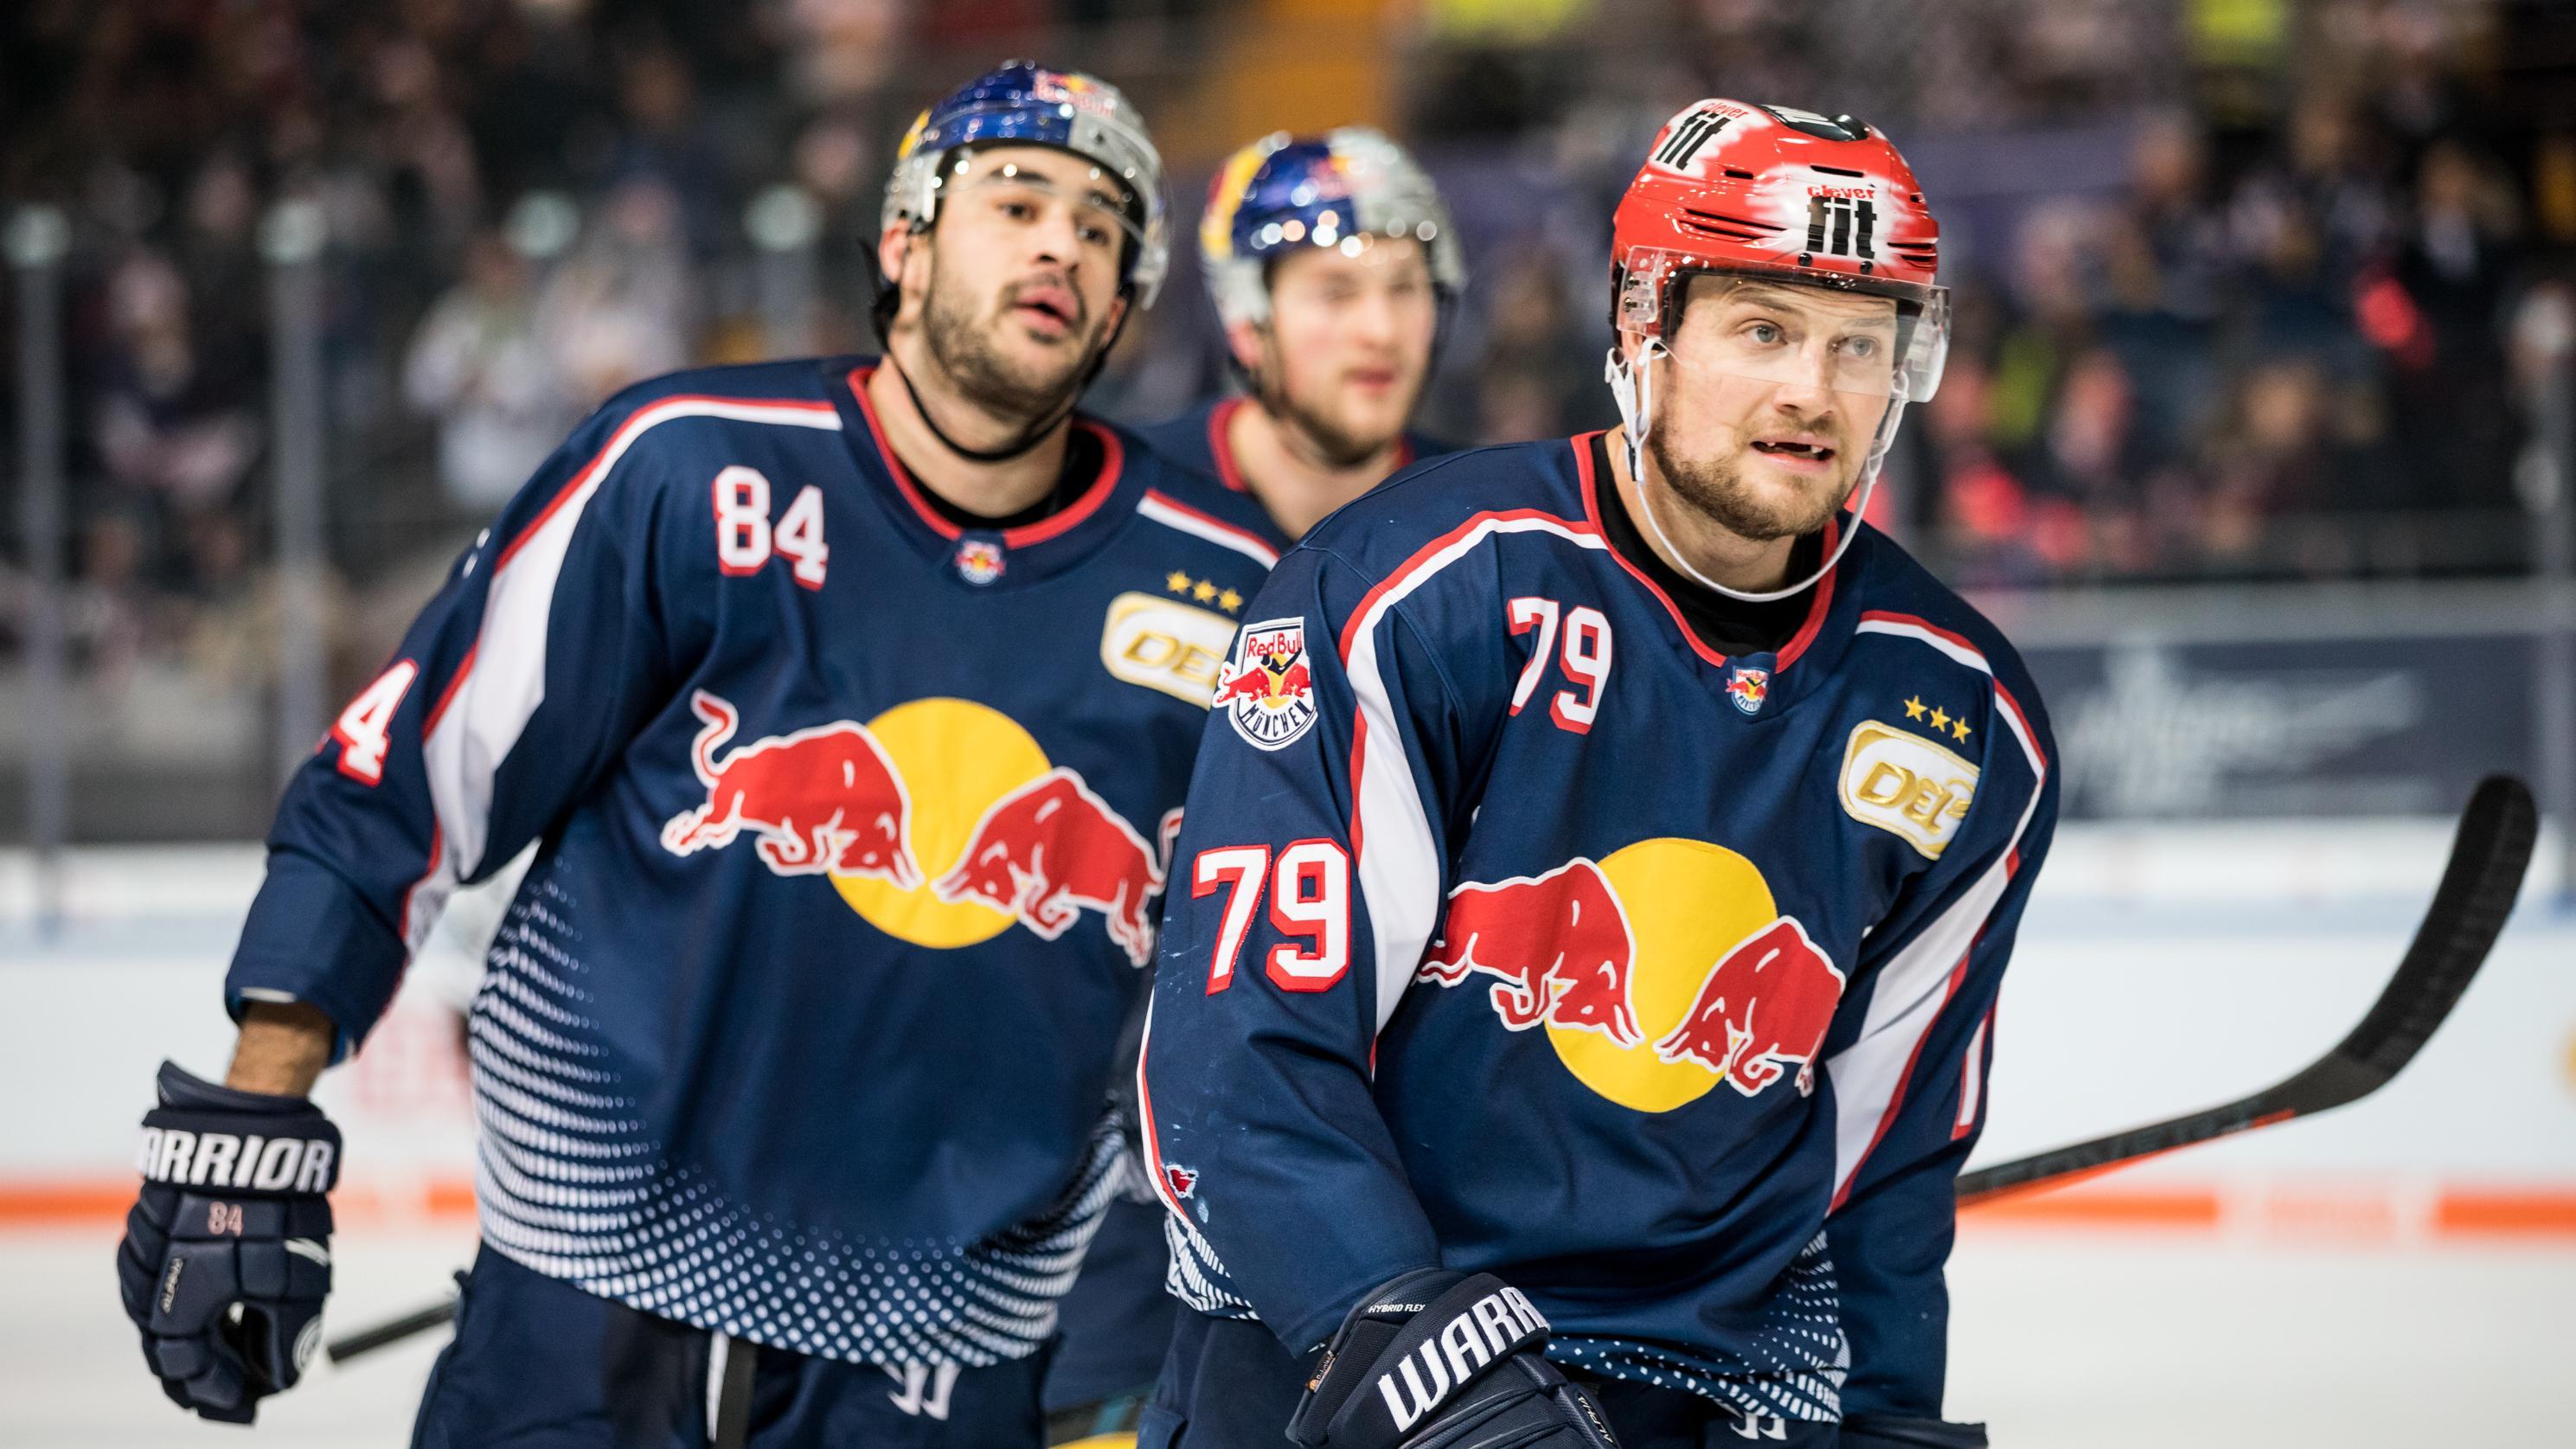 Die Eishockeyspieler John Mitchell (79) und Trevor Parkes (84) vom EHC Red Bull München